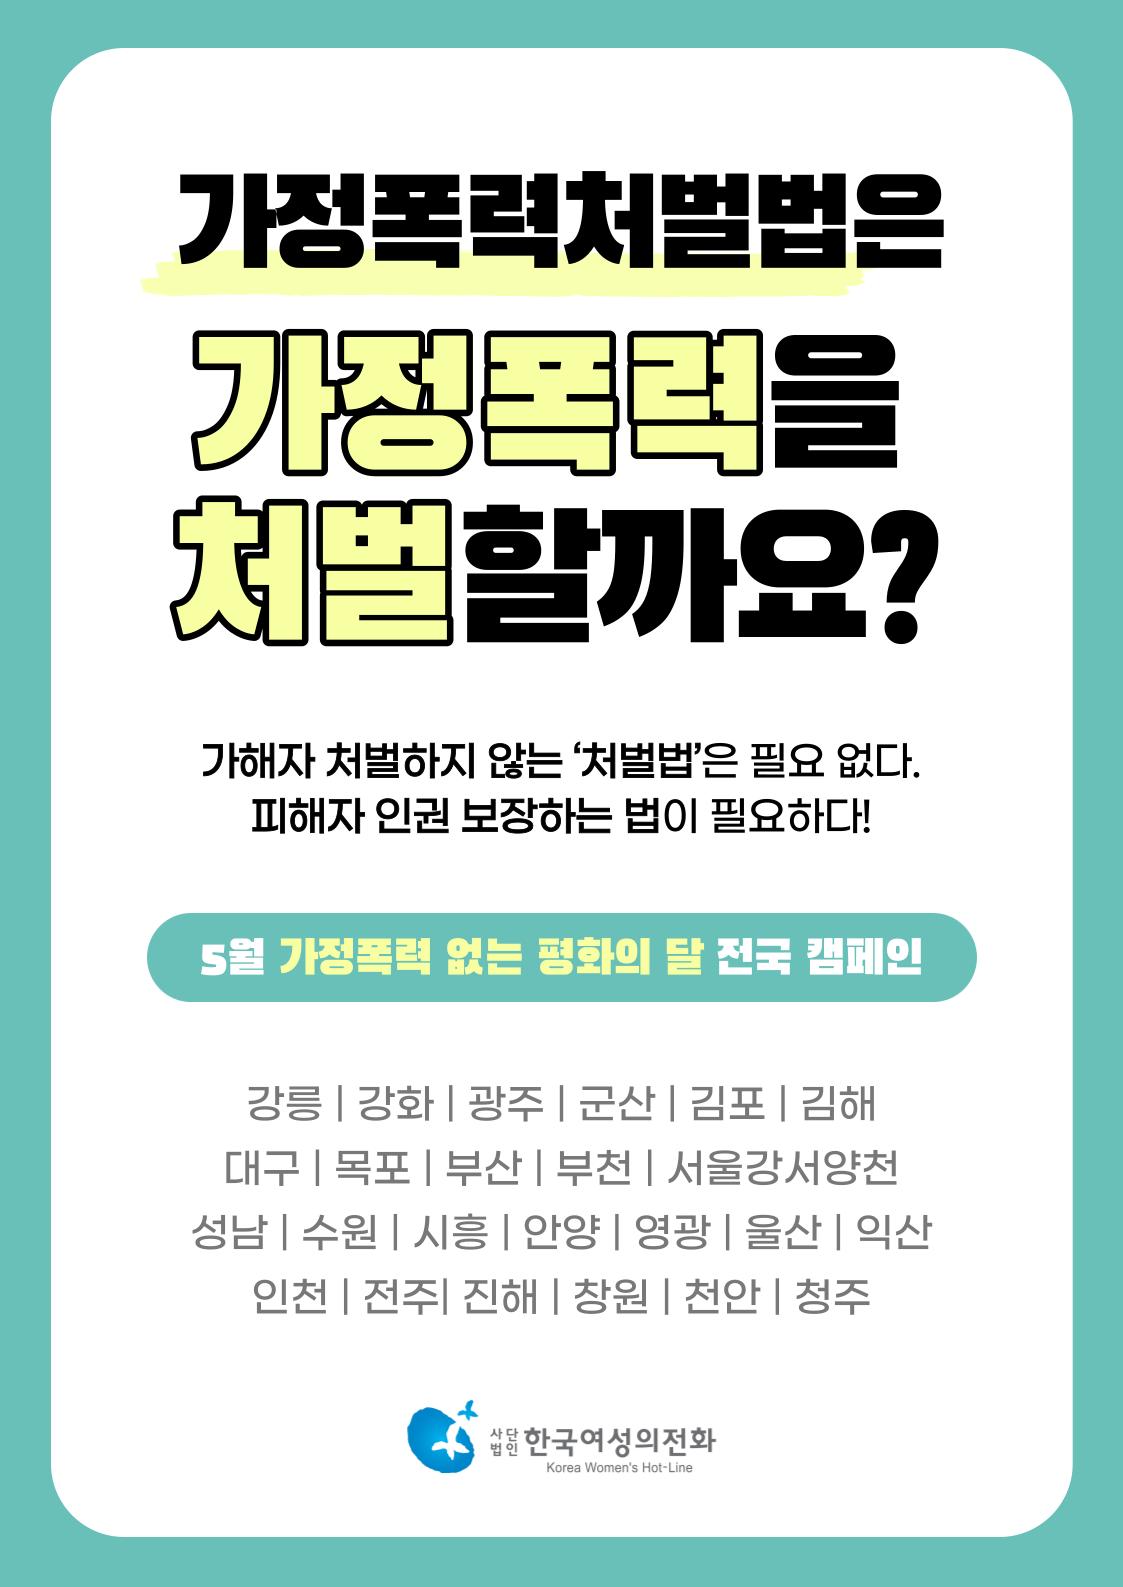 평화의달_포스터 2.png